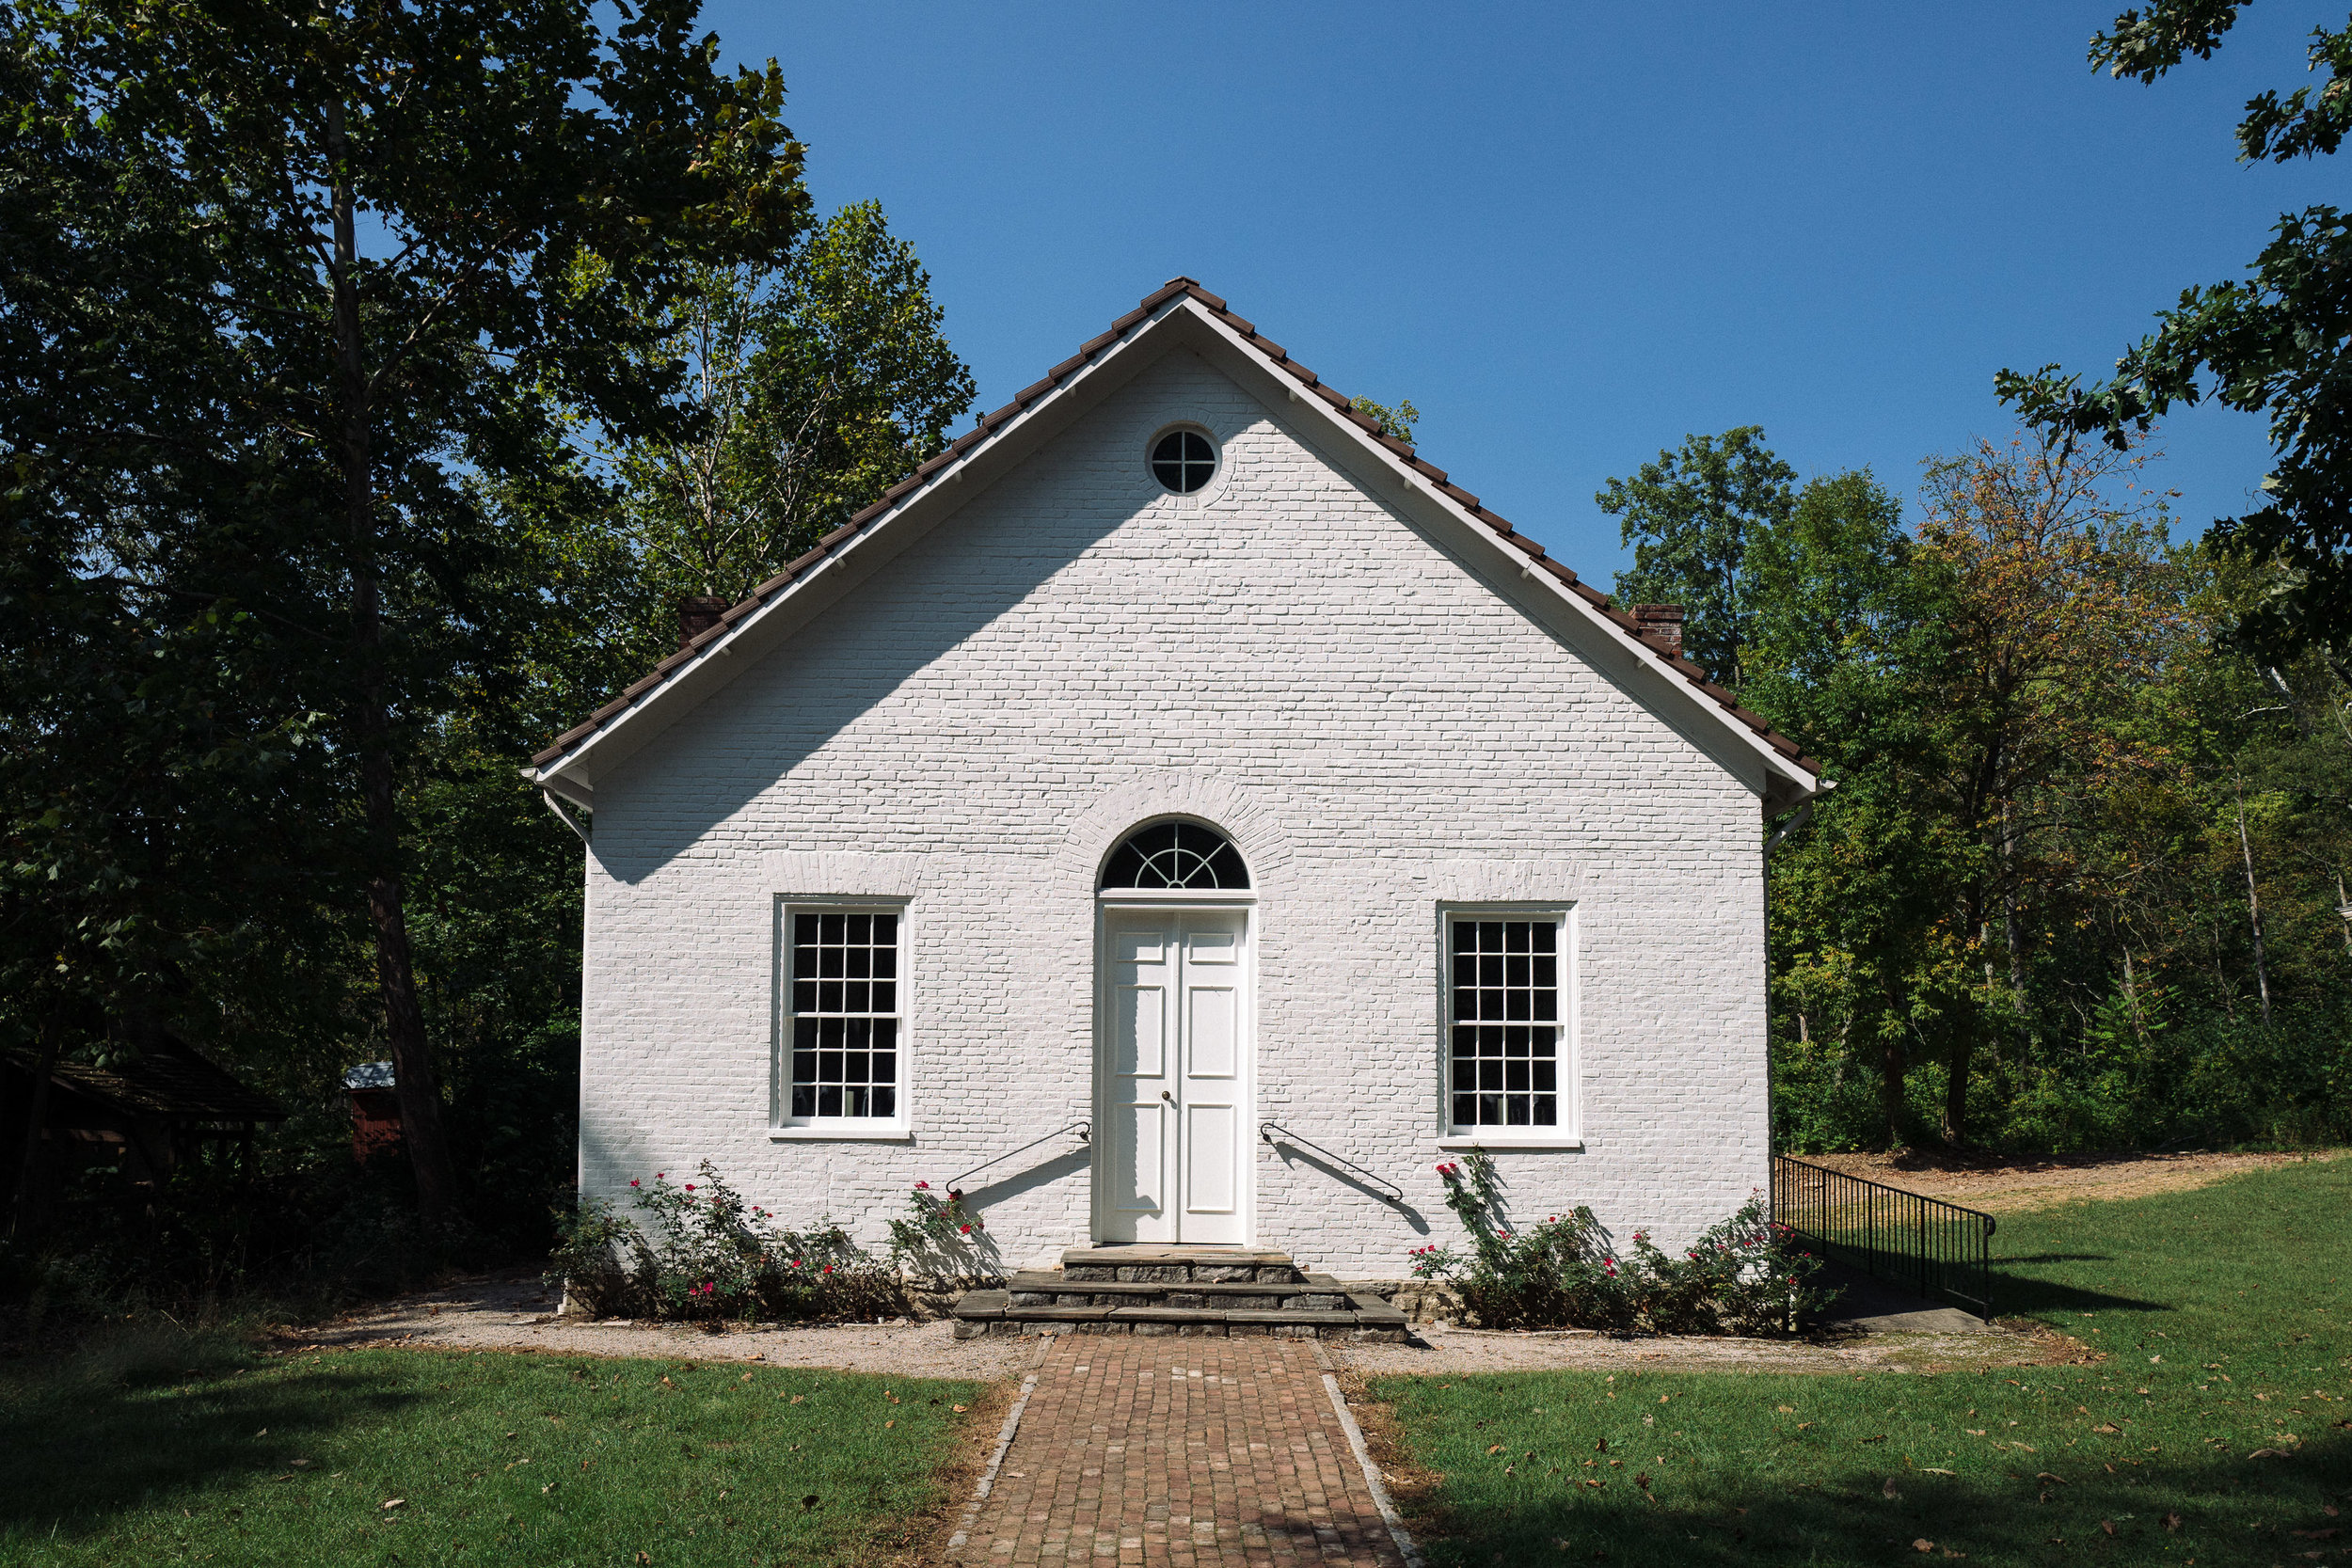 heritage-village-museum-1070466.jpg